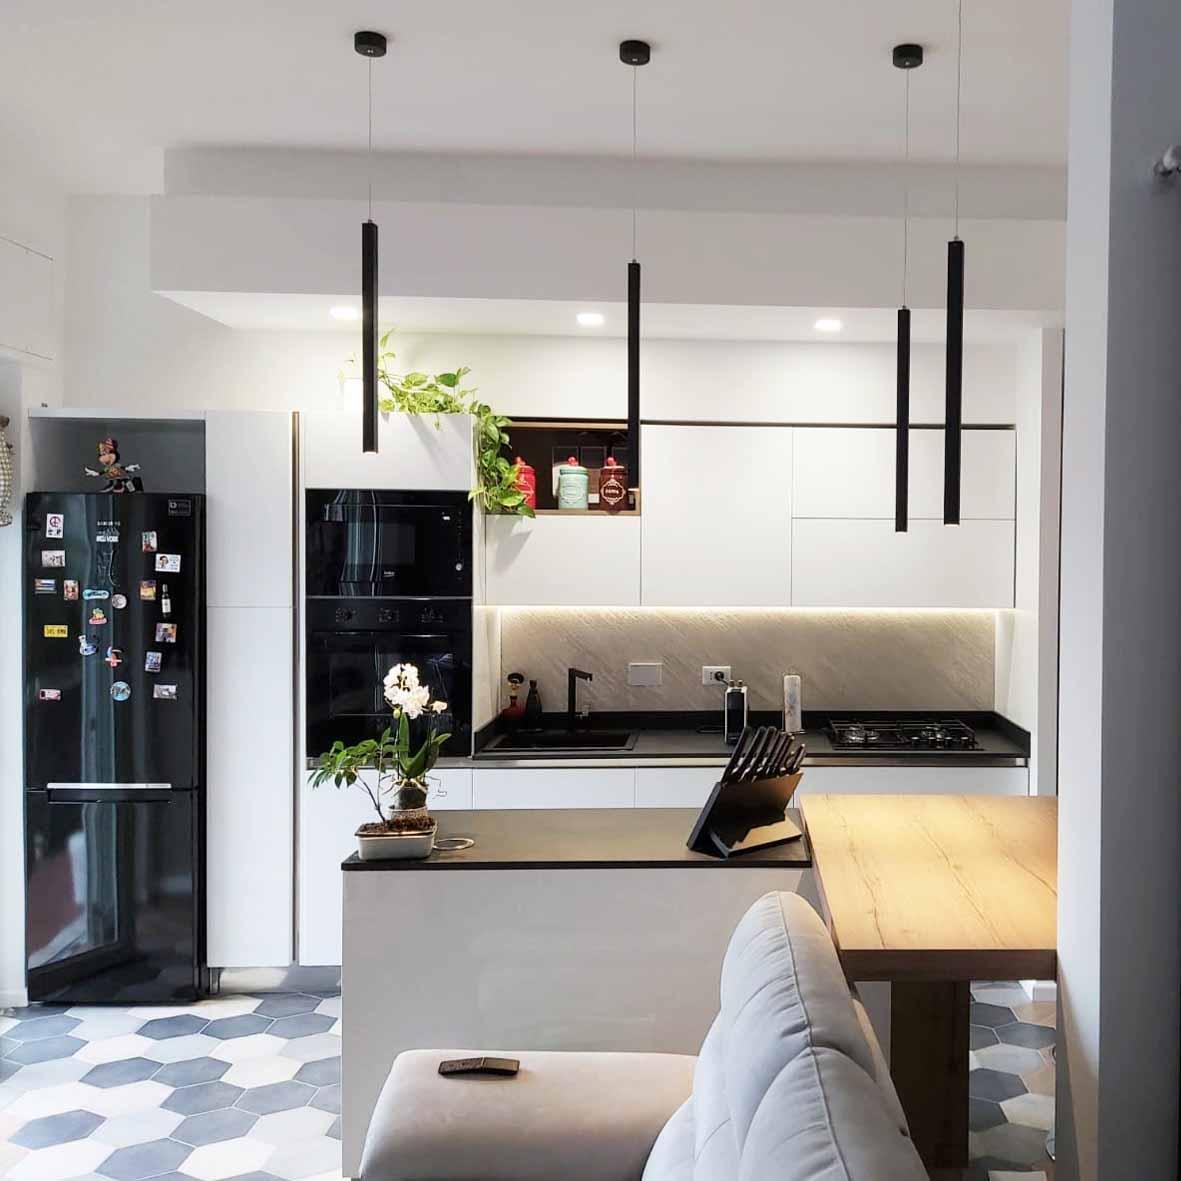 centro dell'arredamento-savona-cucina arredo3-realizzazioni-genova-design